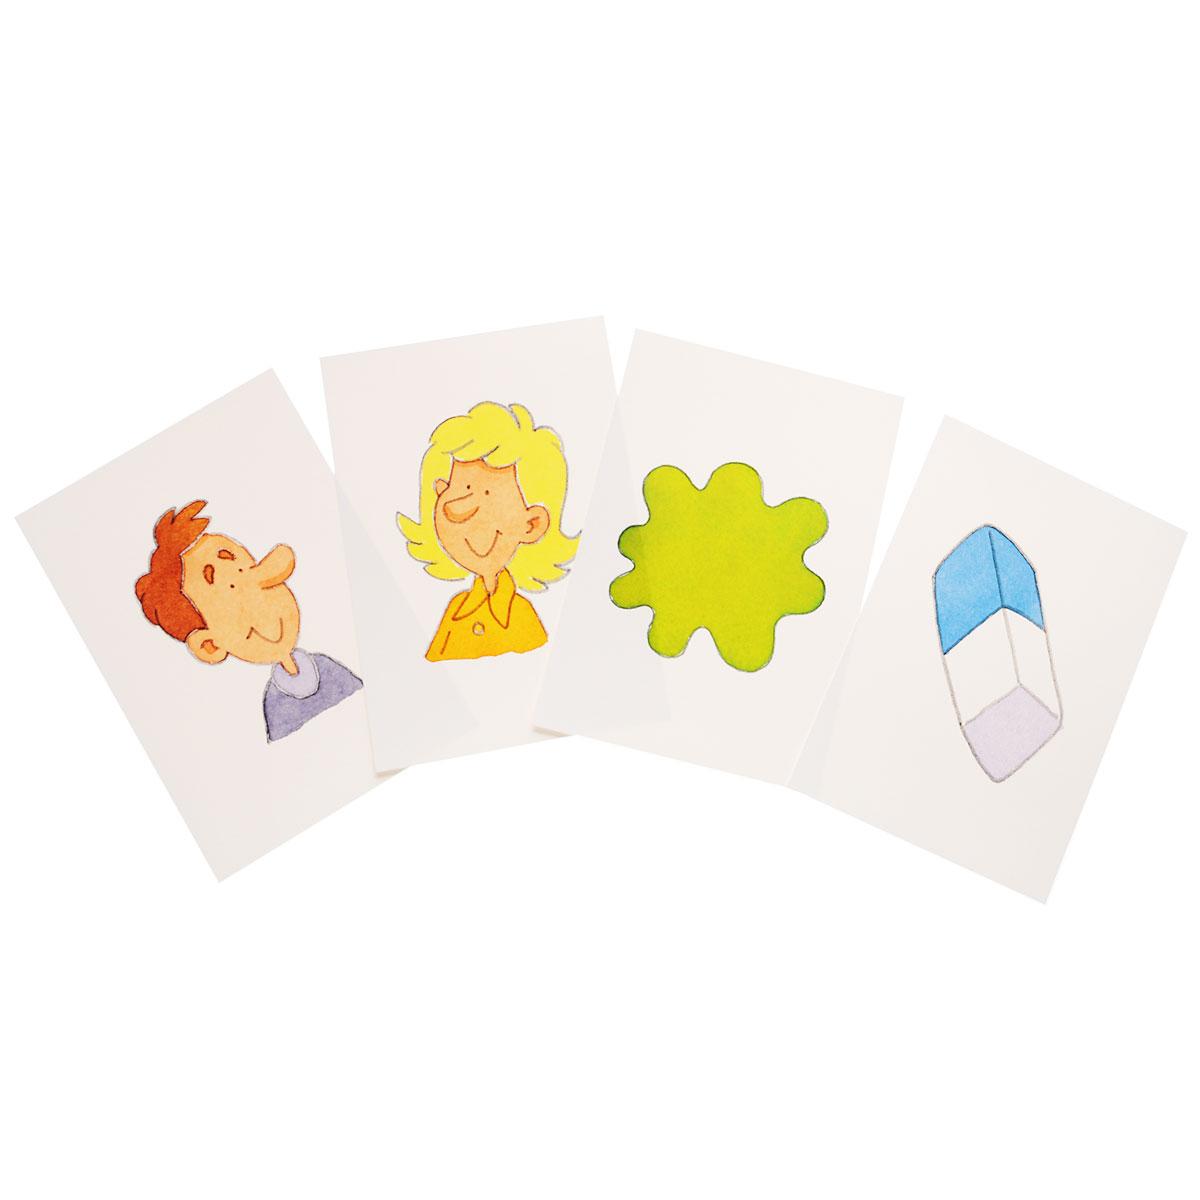 English Adventure: Starter: Flashcards (набор из 46 карточек)